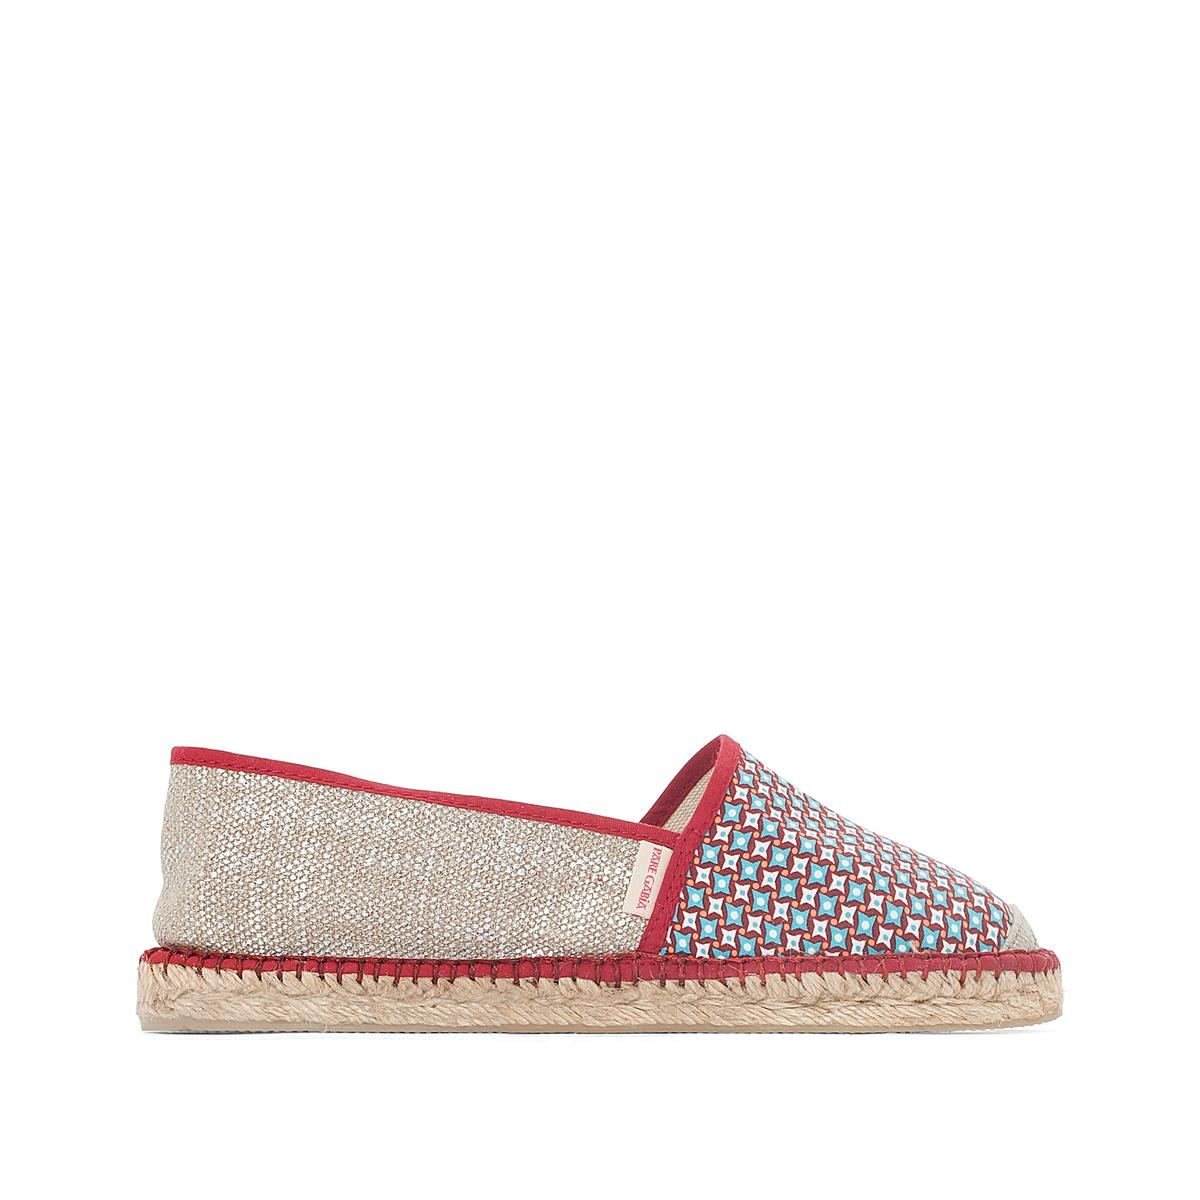 Туфли VP MixВерх: полотно и текстиль.Стелька: шнур.Подошва: каучук.Высота каблука: 2 см.Форма каблука: плоский каблук.Мысок: закругленный.Застежка: без застежки.<br><br>Цвет: бордовый/рисунок<br>Размер: 39.37.38